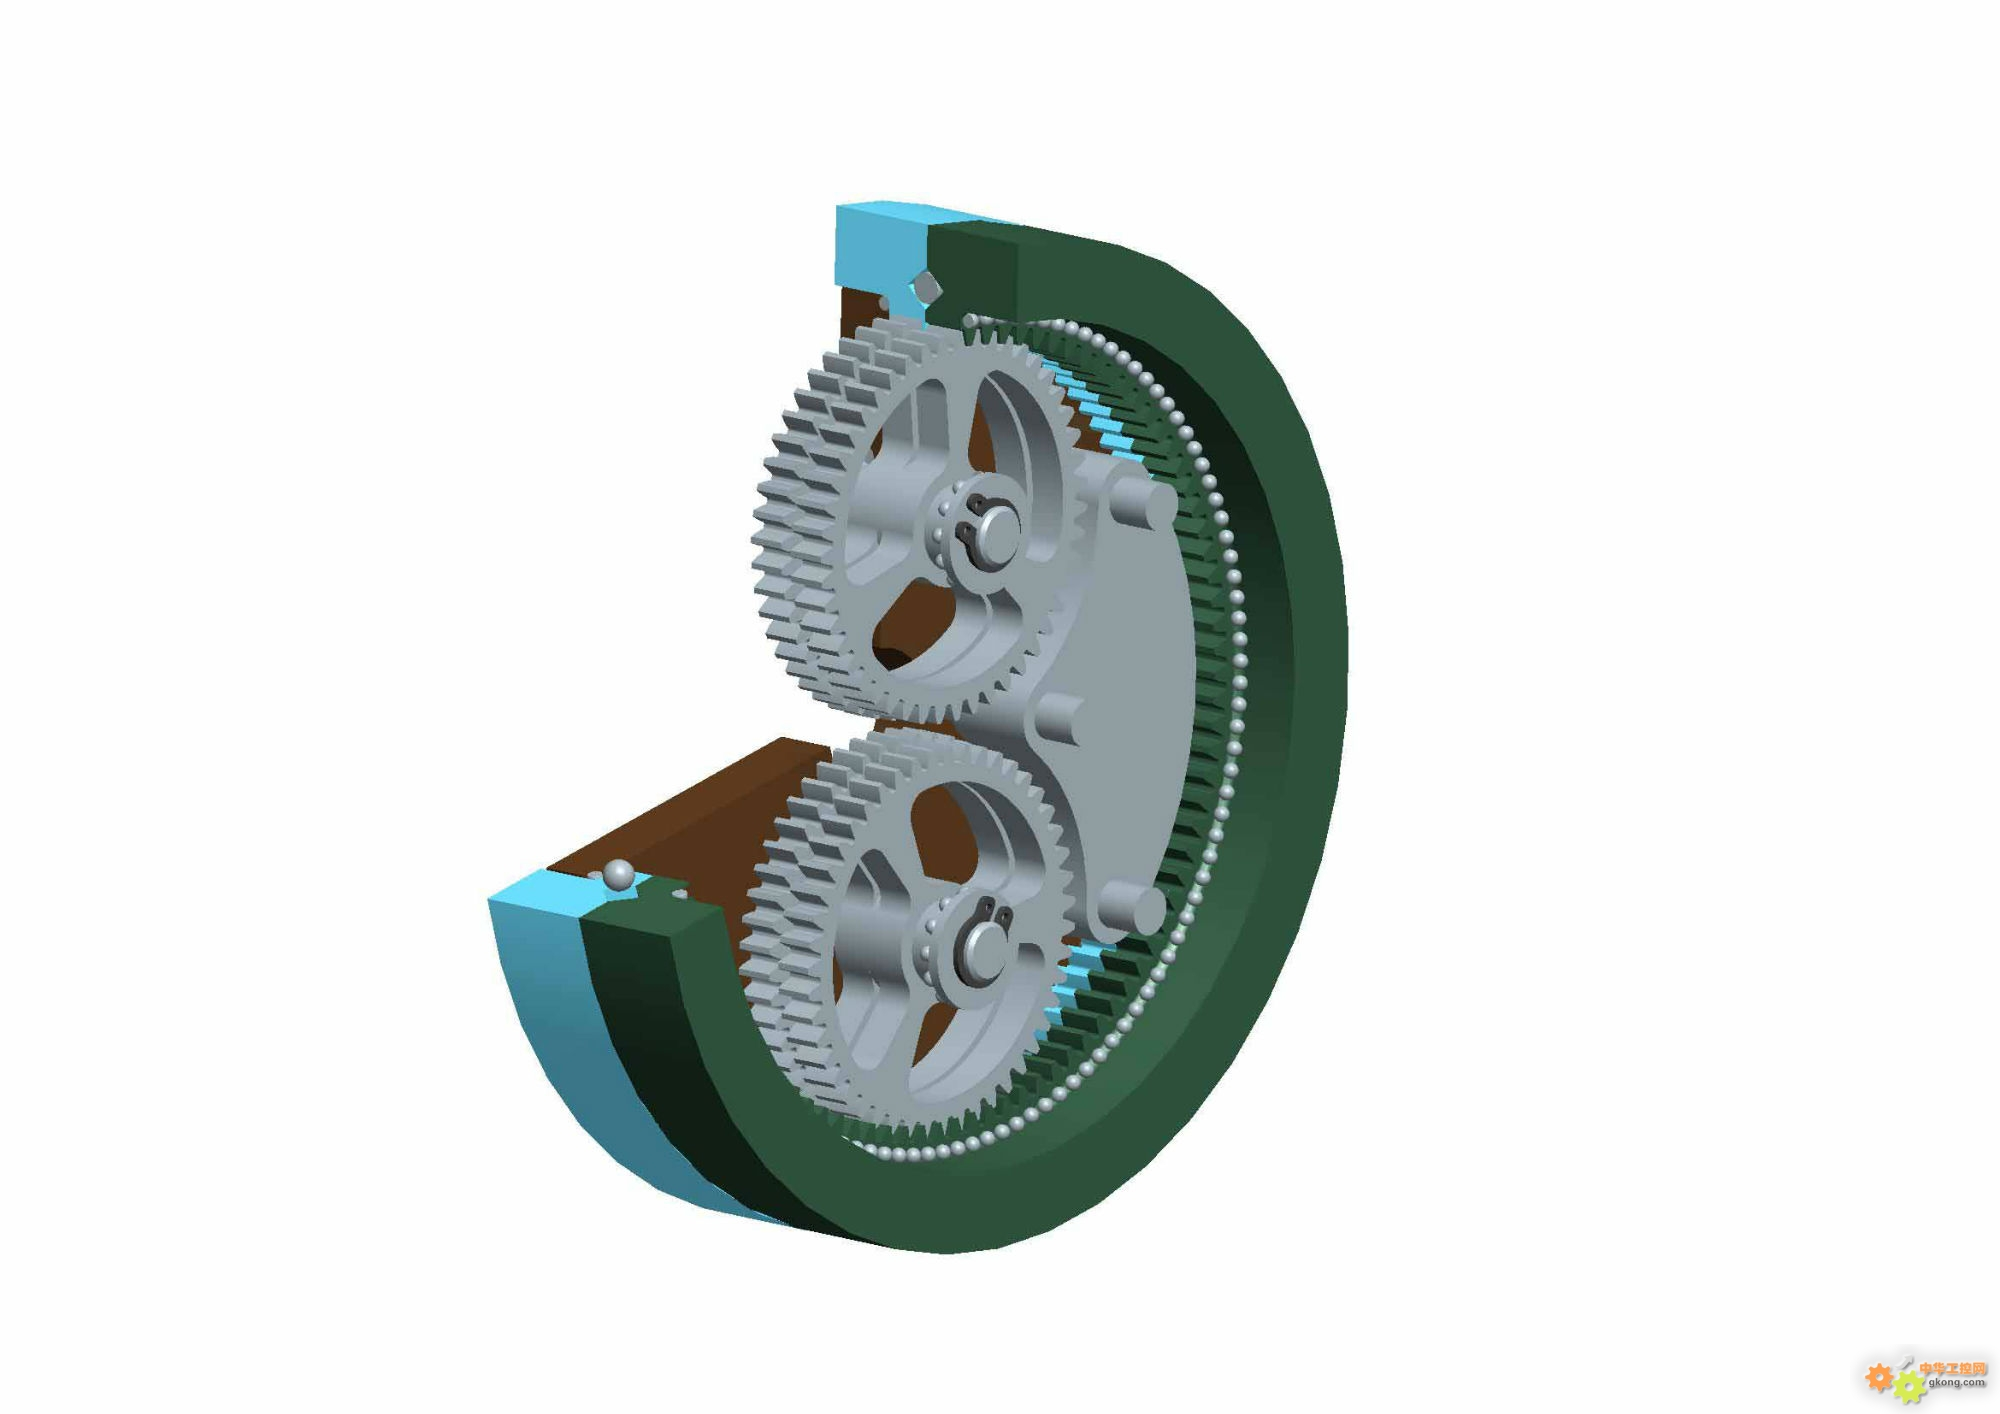 囱模,只要按照圆柱体体积公式进行换算,乘以图片